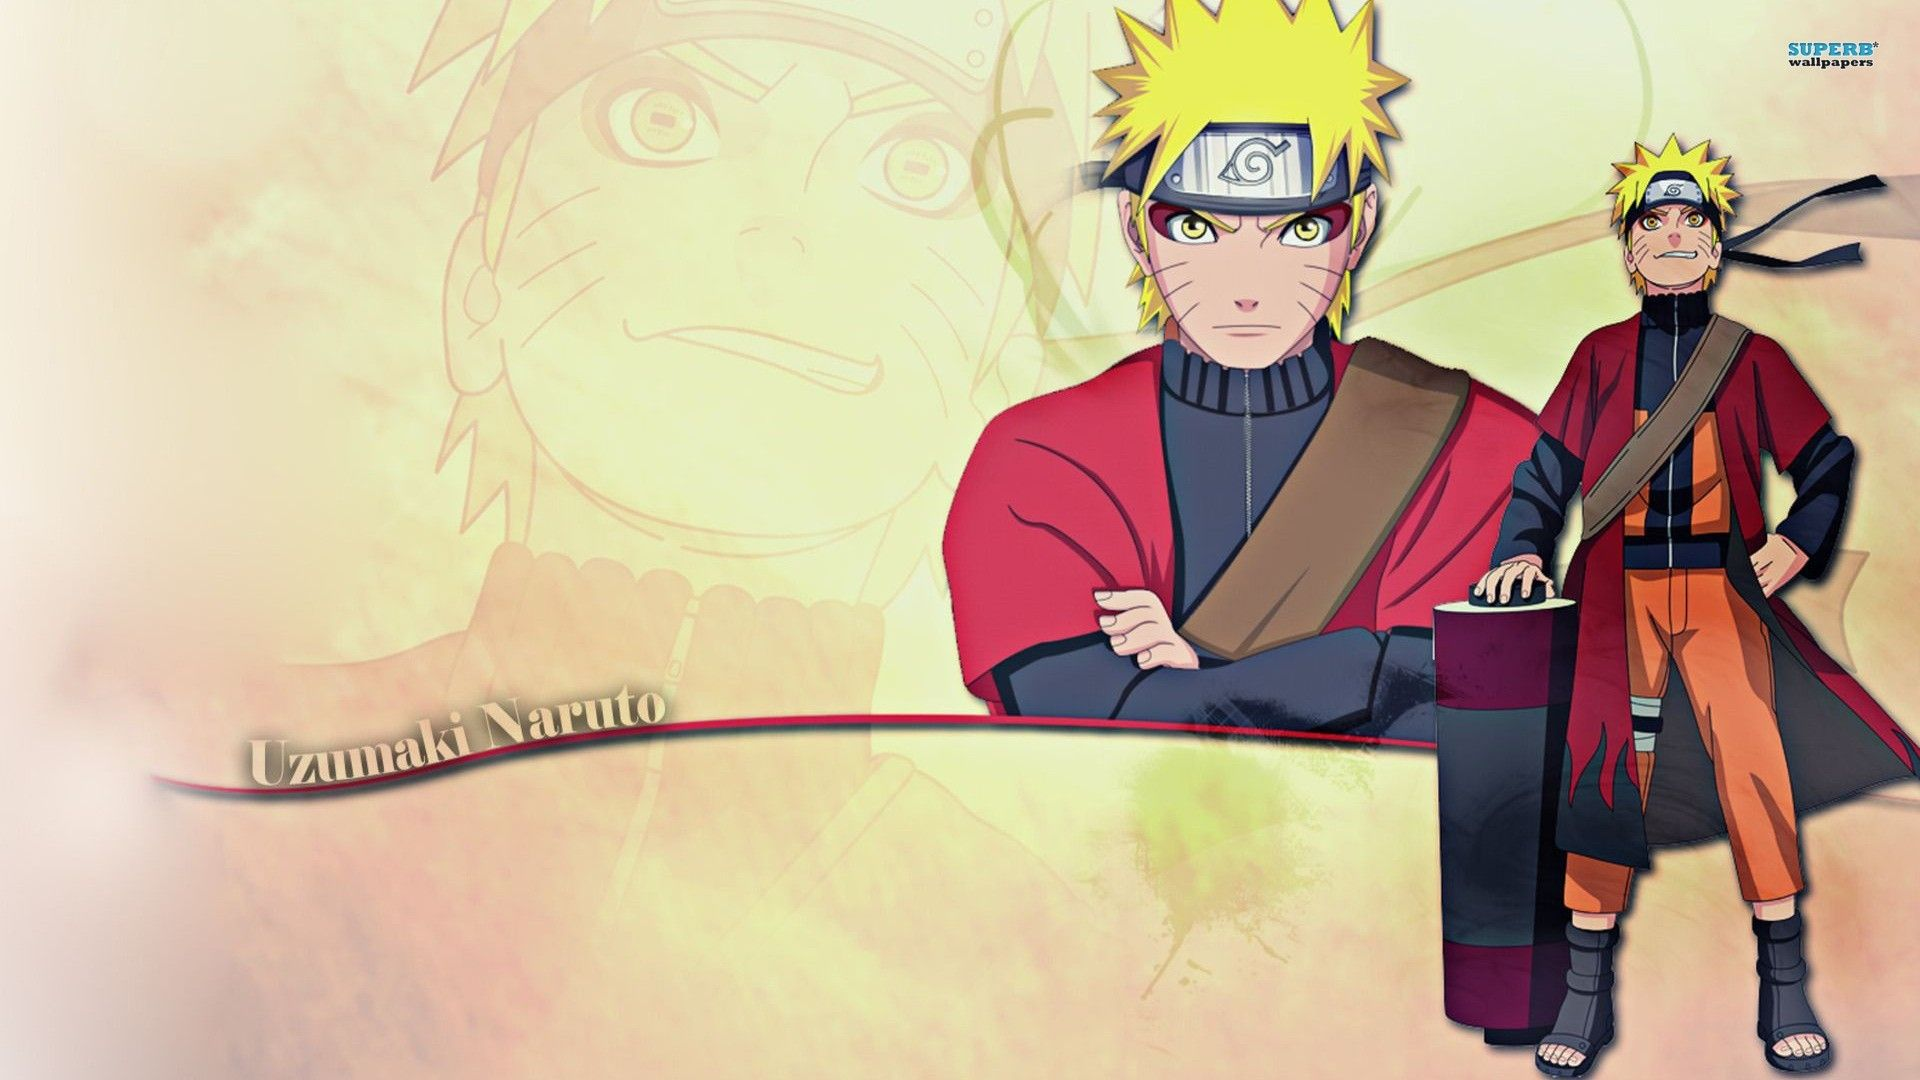 Naruto Uzumaki Sage Mode Wallpaper Widescreen Naruto Wallpaper Naruto Uzumaki Naruto Sage